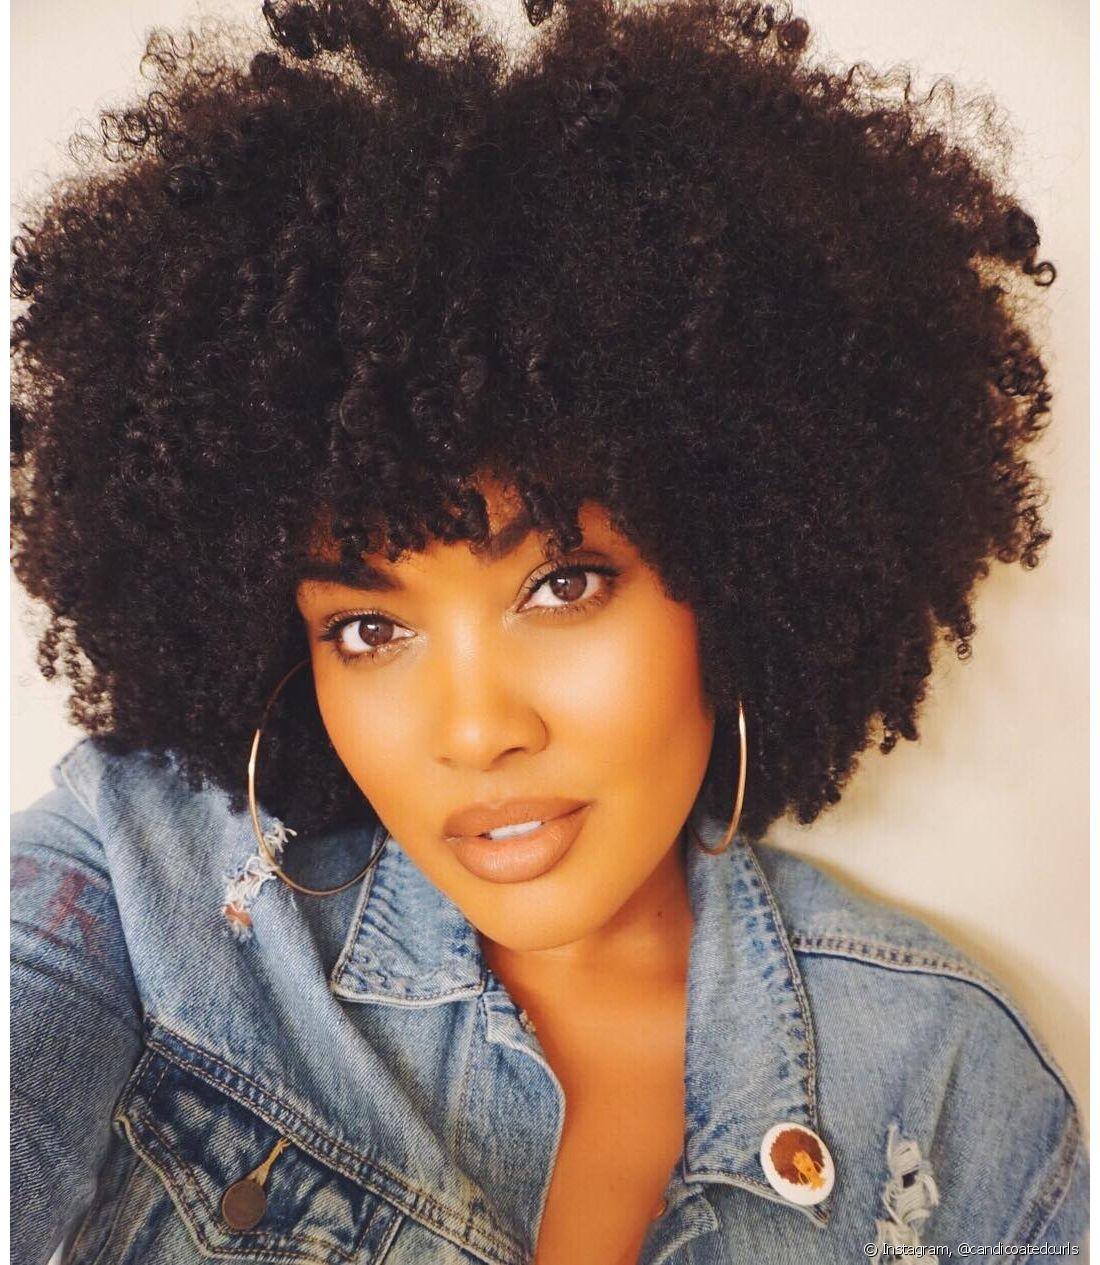 Entender a beleza do seu cabelo e da sua curvatura natural é essencial para se amar ainda mais. Com cachos ou não, seu cabelo crespo é lindo!